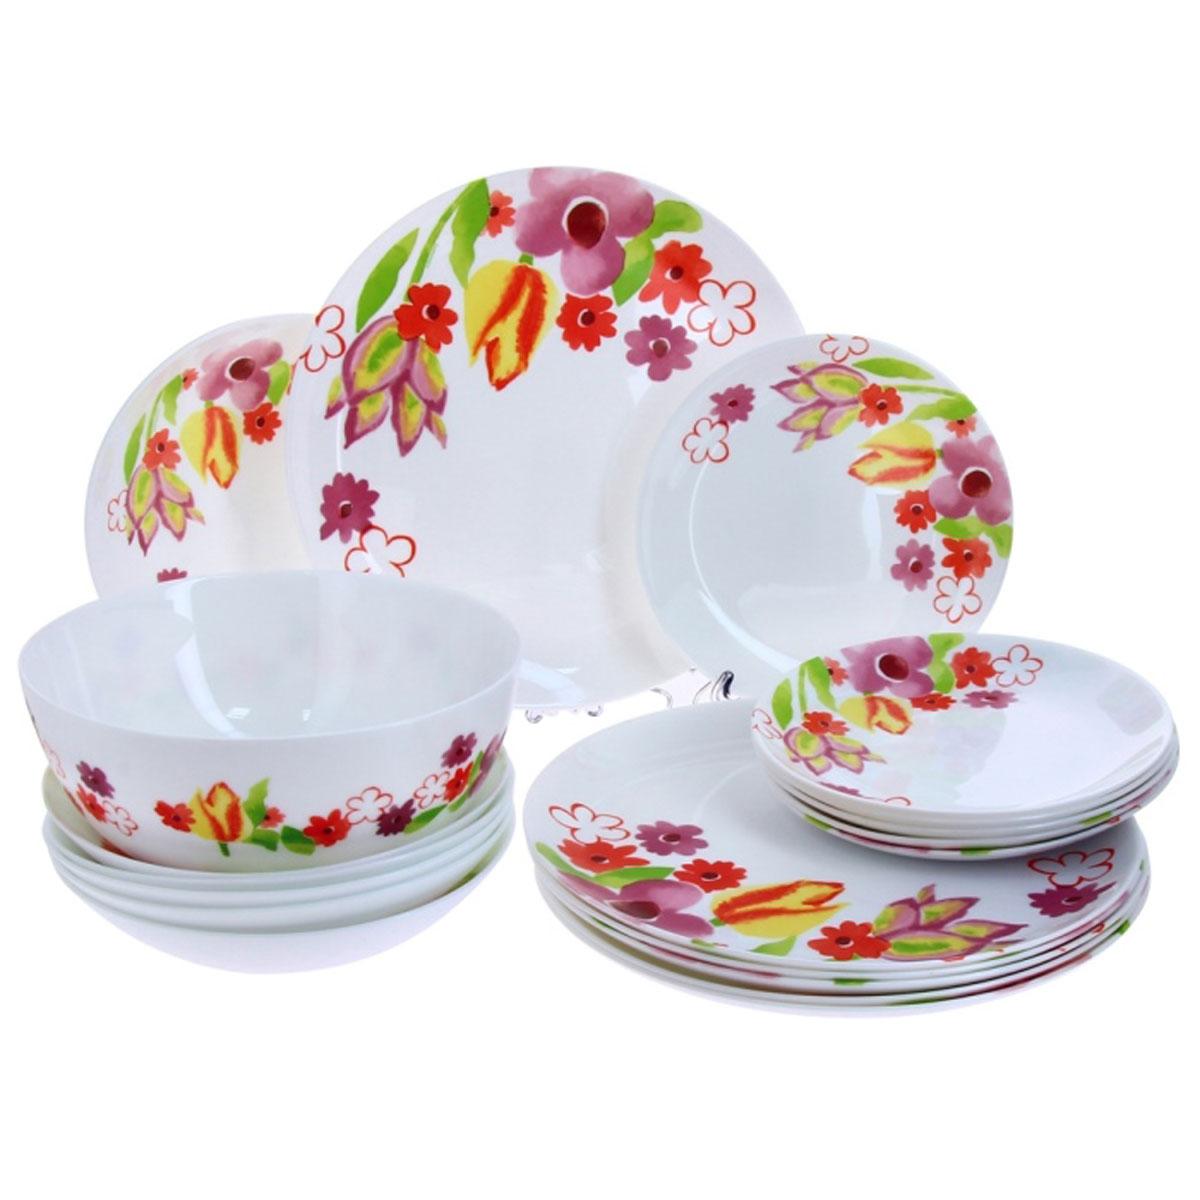 Набор столовой посуды Luminarc Dacha, 19 предметов115510Набор Luminarc Dacha состоит из 6 суповых тарелок, 6 обеденных тарелок, 6 десертных тарелок и глубокого салатника. Изделия выполнены из ударопрочного стекла, имеют яркий дизайн с изящным цветочным рисунком и классическую круглую форму. Посуда отличается прочностью, гигиеничностью и долгим сроком службы, она устойчива к появлению царапин и резким перепадам температур. Такой набор прекрасно подойдет как для повседневного использования, так и для праздников или особенных случаев. Набор столовой посуды Luminarc Dacha - это не только яркий и полезный подарок для родных и близких, а также великолепное дизайнерское решение для вашей кухни или столовой. Можно мыть в посудомоечной машине и использовать в микроволновой печи. Диаметр суповой тарелки: 20 см. Высота суповой тарелки: 4.5 см.Диаметр обеденной тарелки: 27 см. Высота обеденной тарелки: 2 см. Диаметр десертной тарелки: 19 см. Высота десертной тарелки: 2 см. Диаметр салатника: 21 см. Высота стенки салатника: 9,5 см.